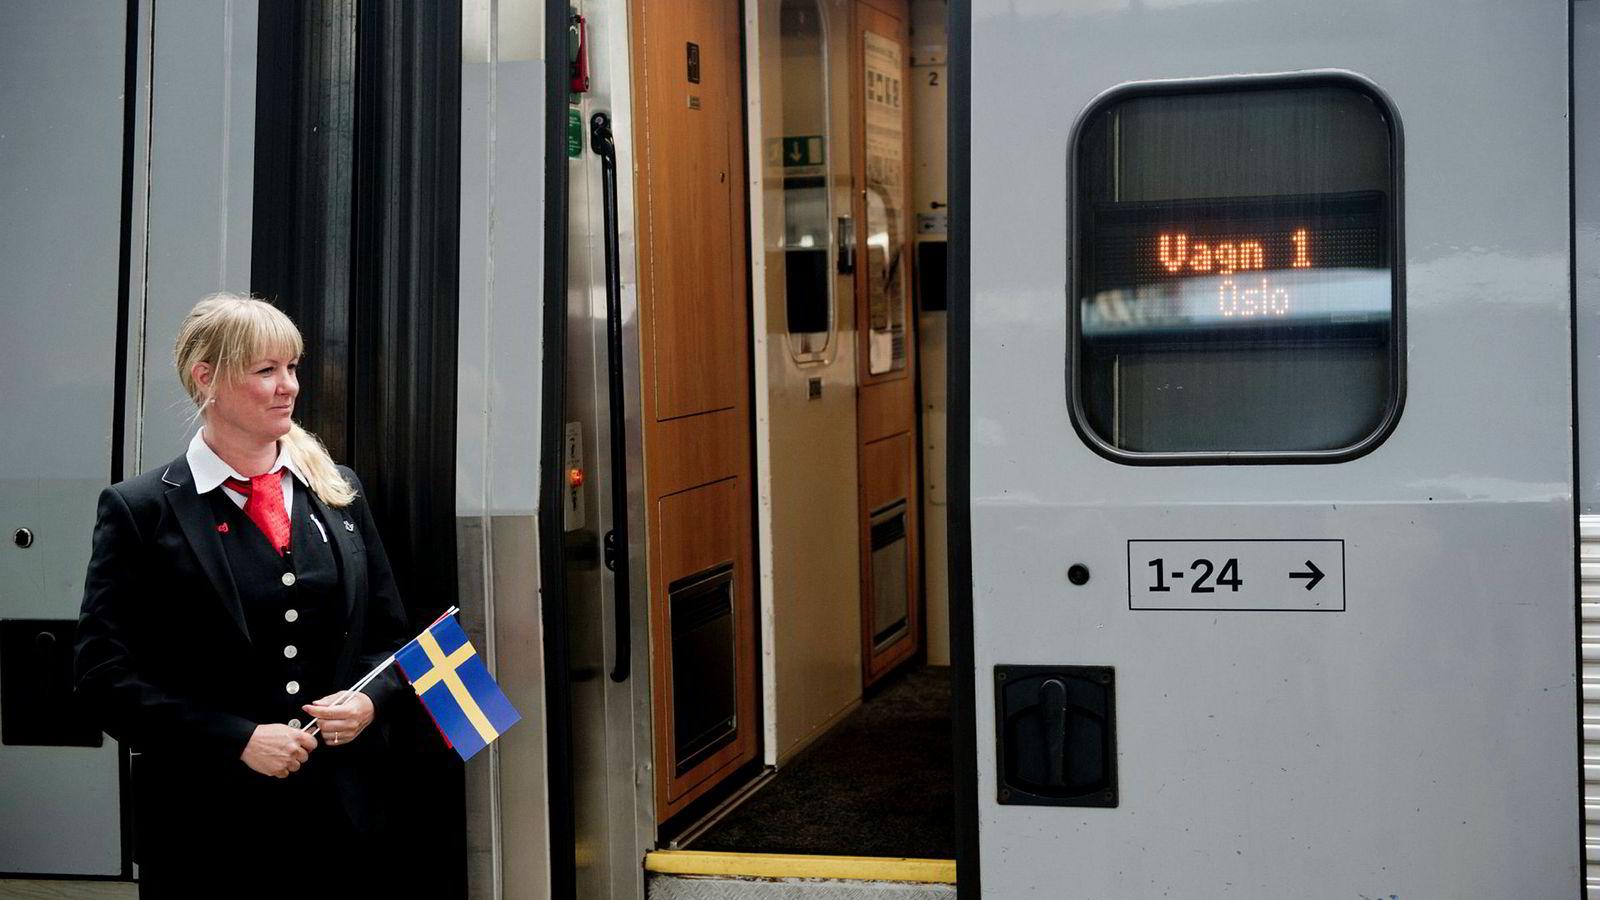 En konduktør foran toget som betjener hurtigtoglinjen mellom Stockholm og Oslo ved spor 19 på Oslo Sentralstasjon da linjen åpnet i 2015.